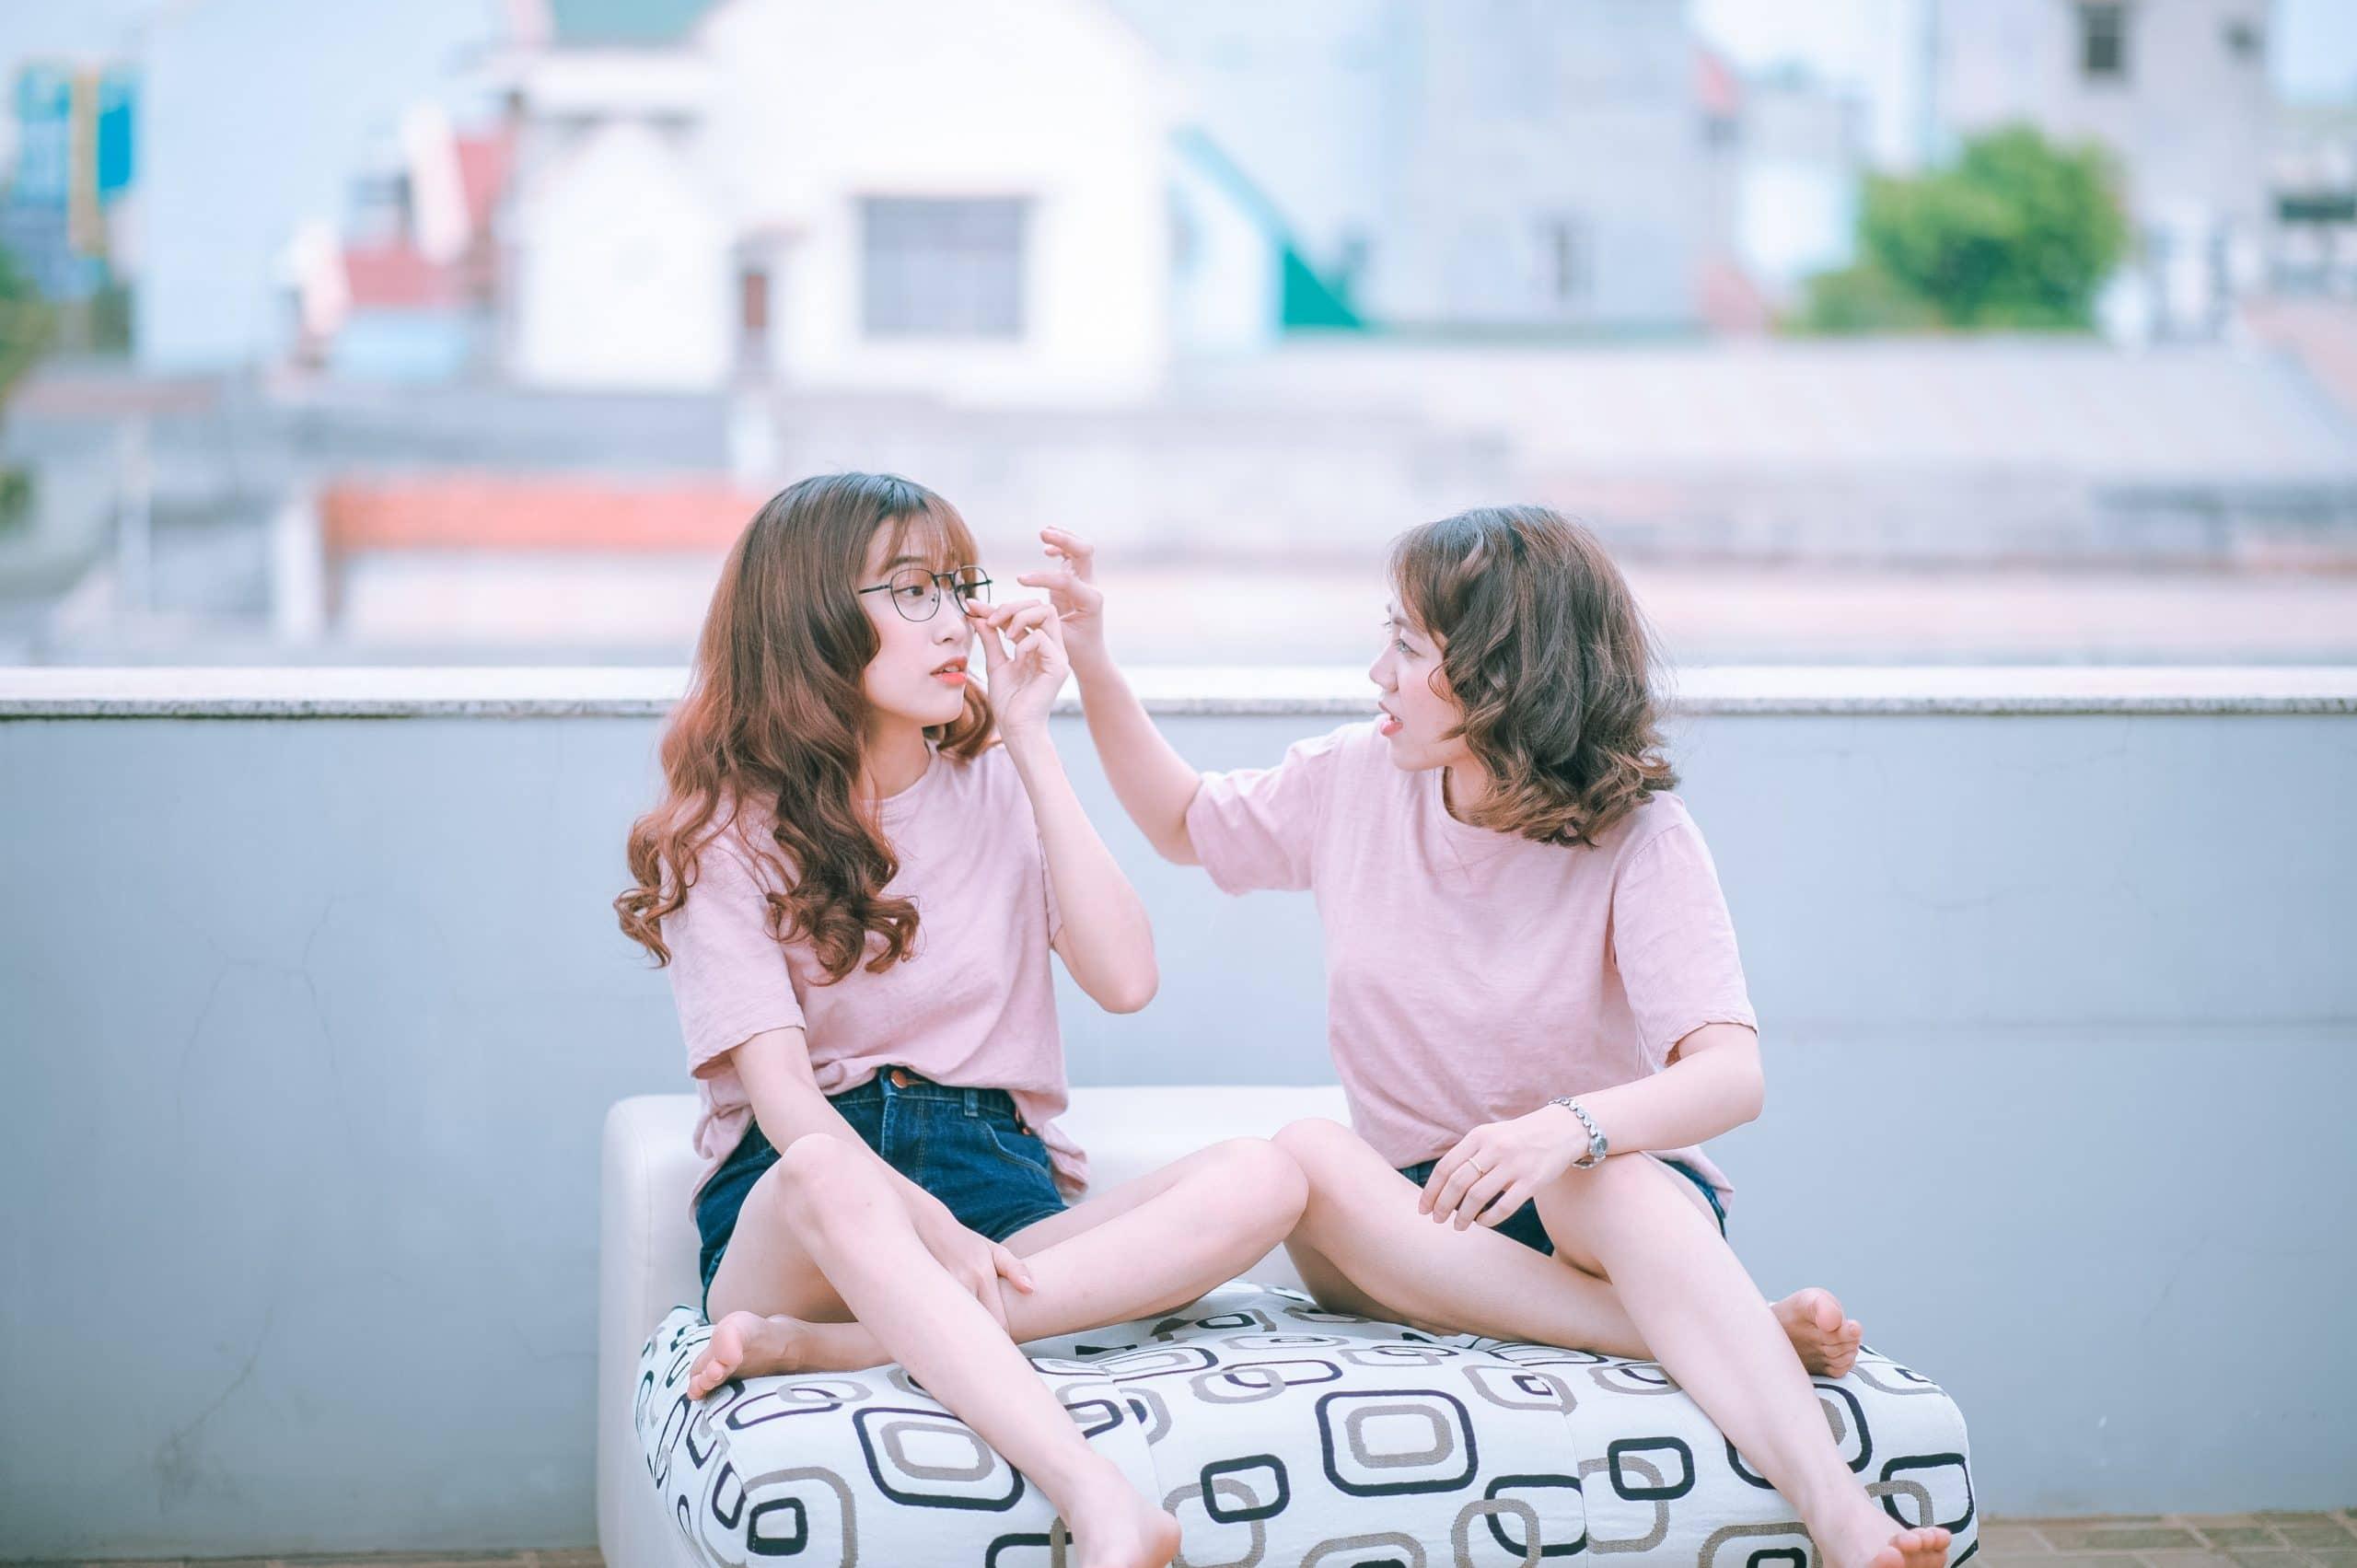 Duas mulheres conversando sentadas em um banco. Uma delas está arrumando o óculos da outra.